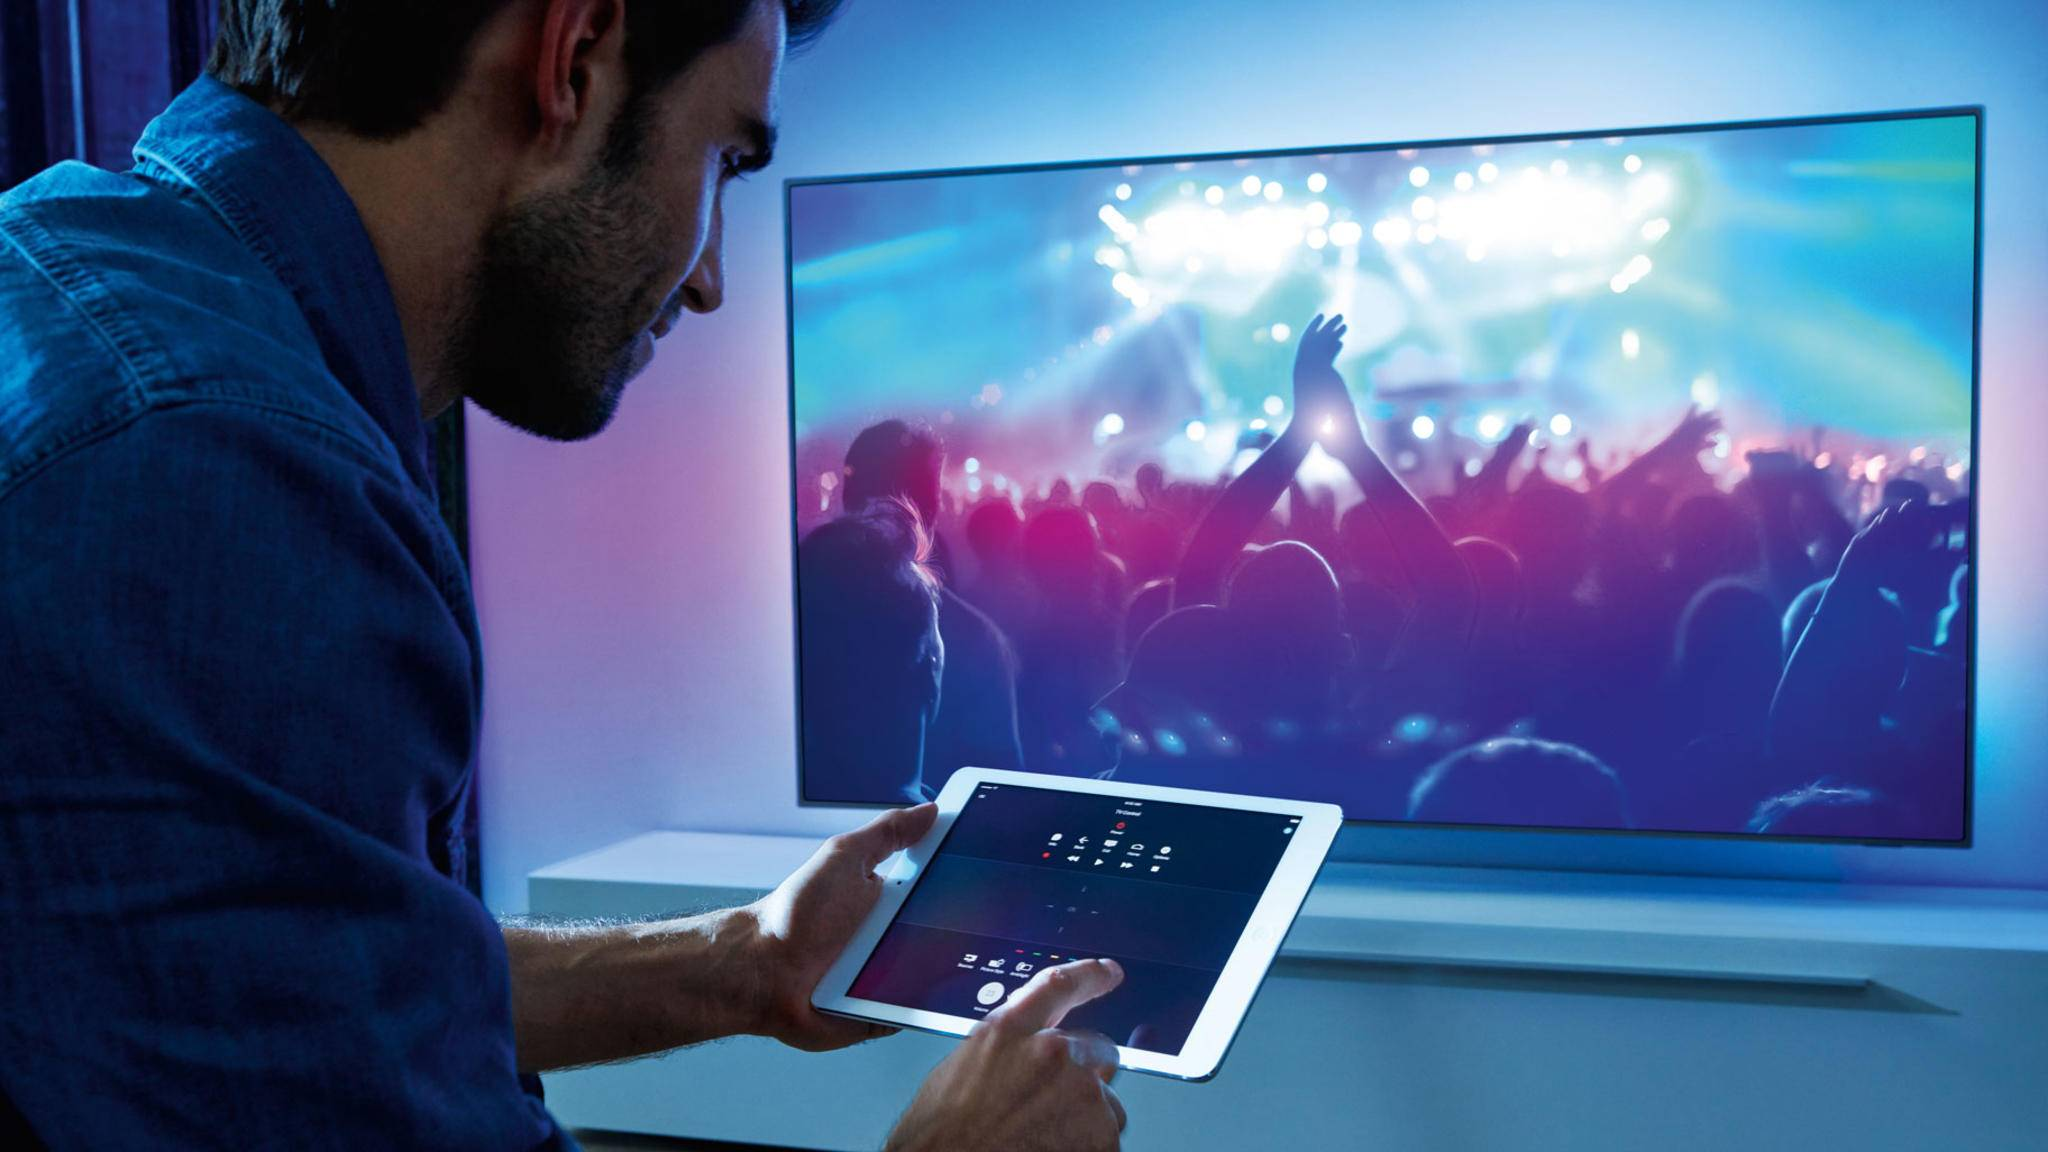 Lg Fernseher Mit Iphone Verbinden : Tablet auf tv streamen tablet an fernseher anschließen und verbinden